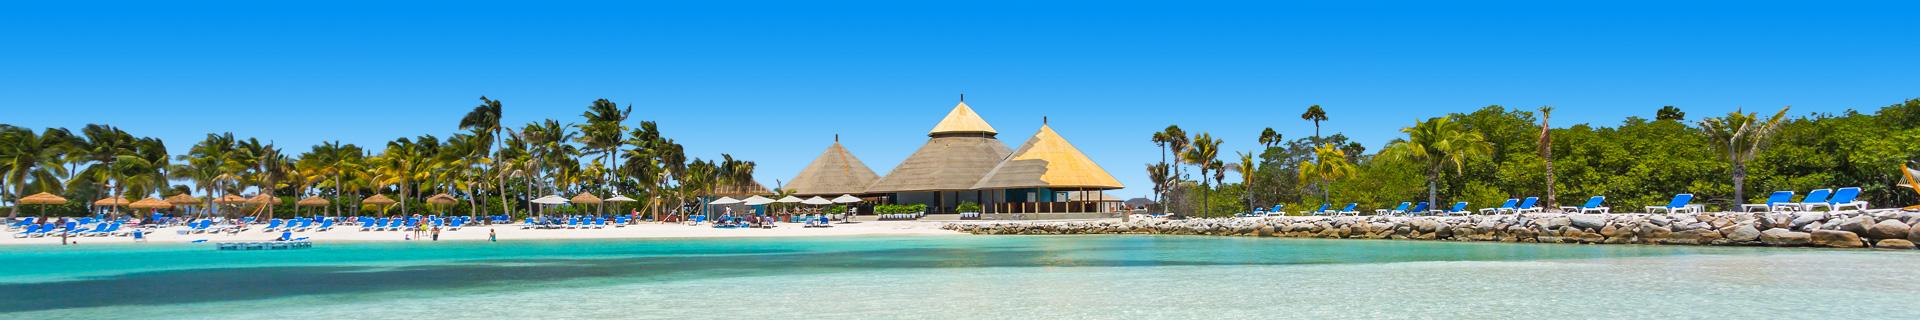 Uitzicht op het strand, helderblauw water en palmbomen op Aruba